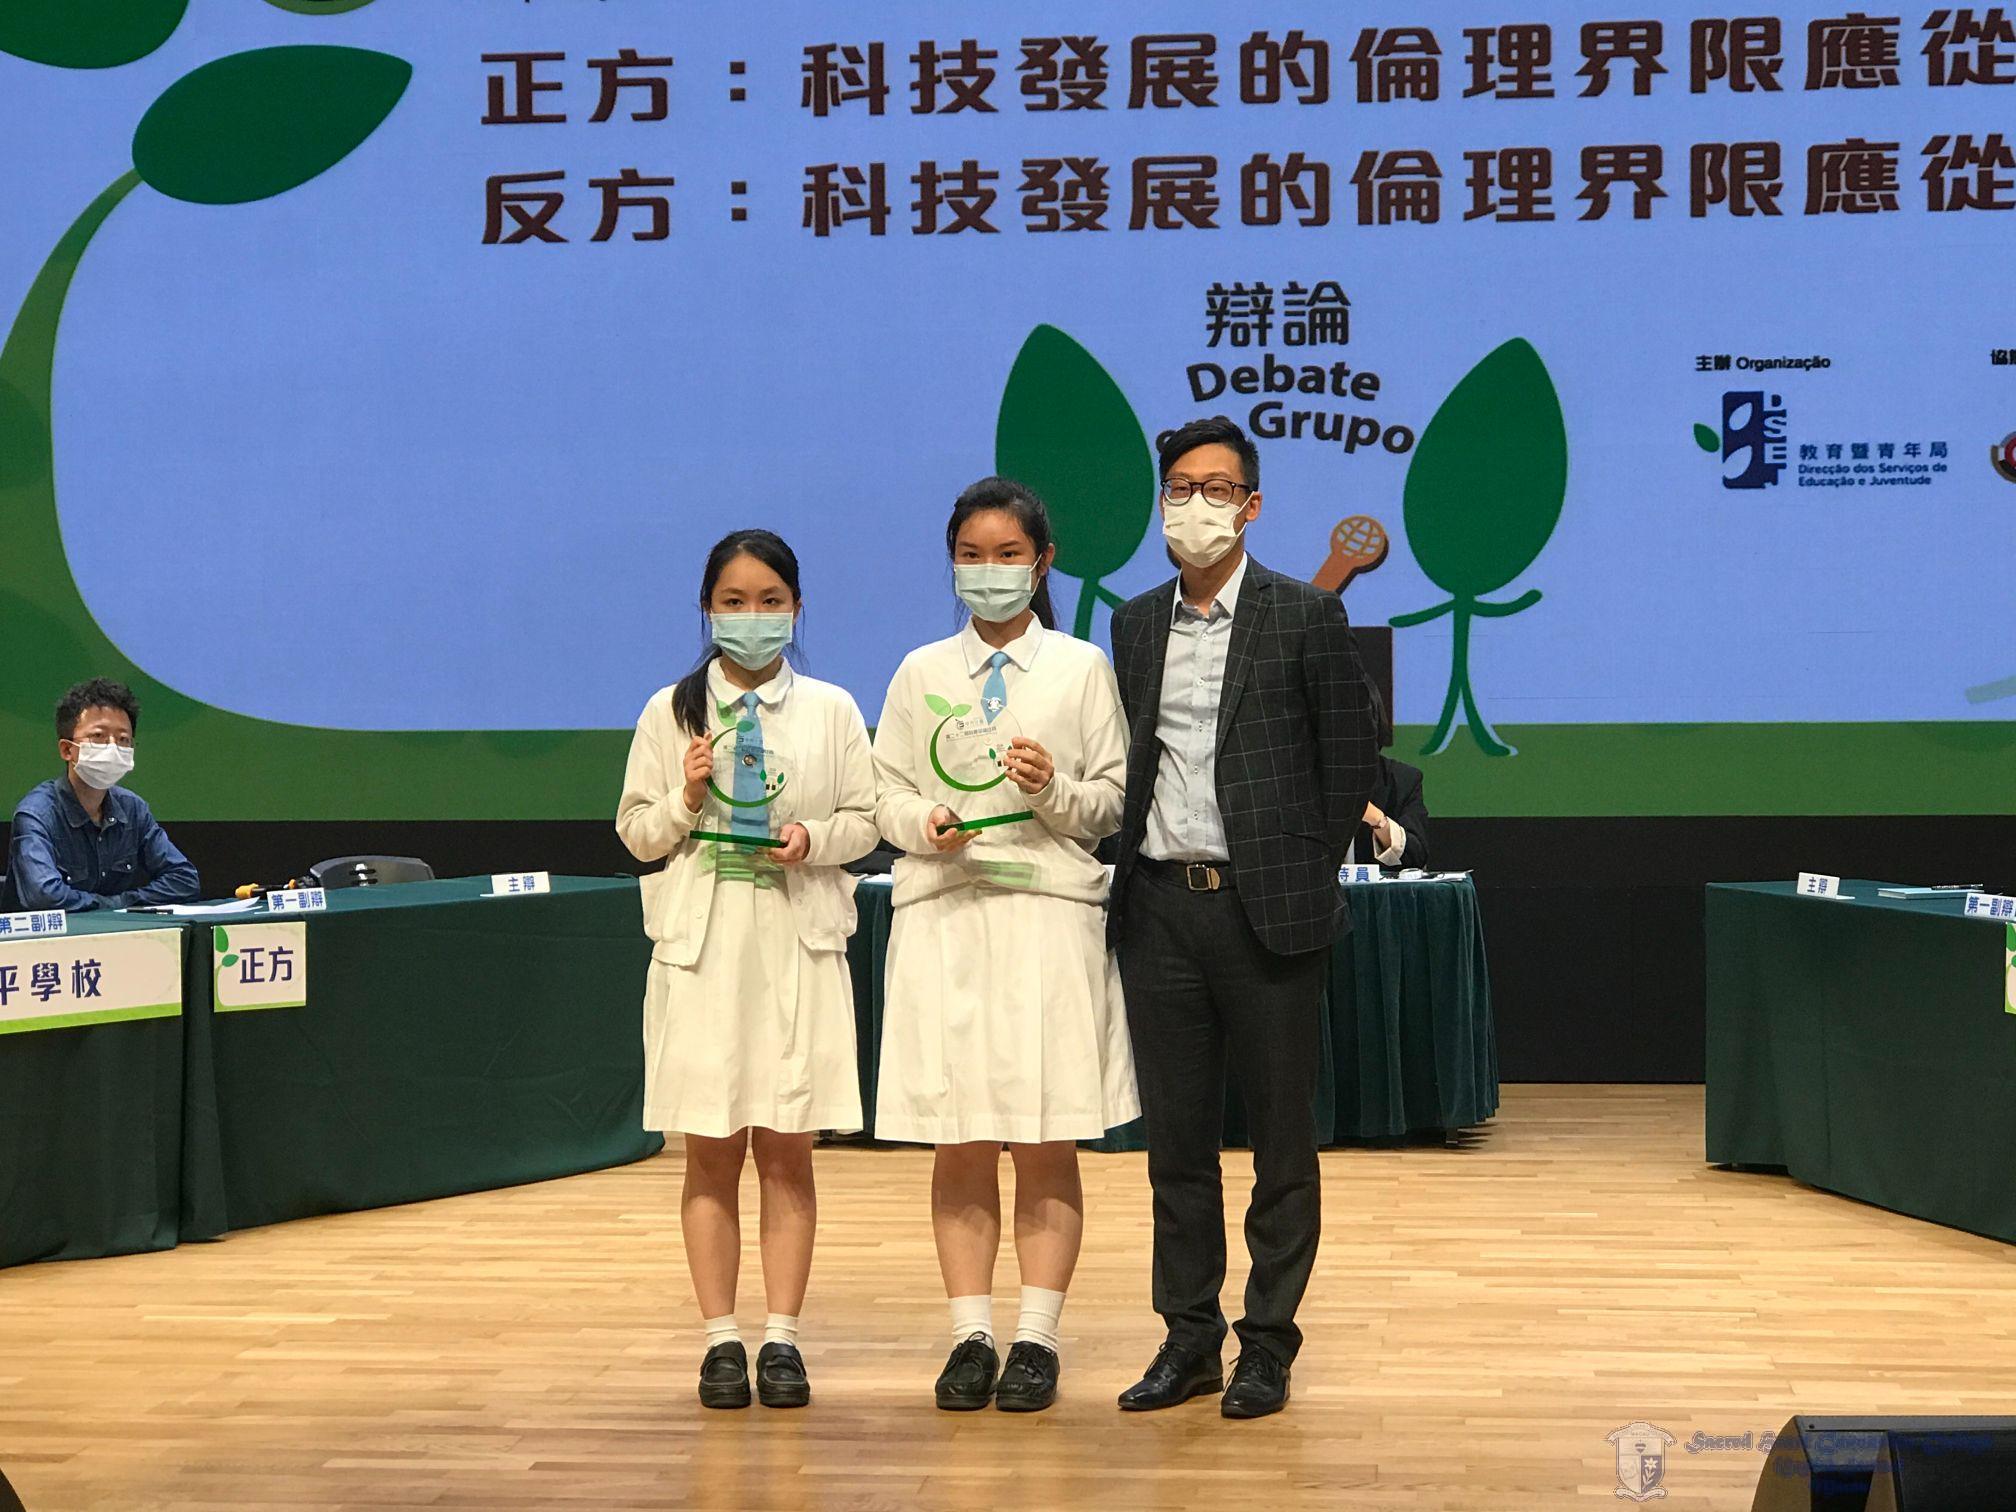 鐘以琳同學(左)取得最佳辯論員,丁彥方同學(右)取得最佳台下發問